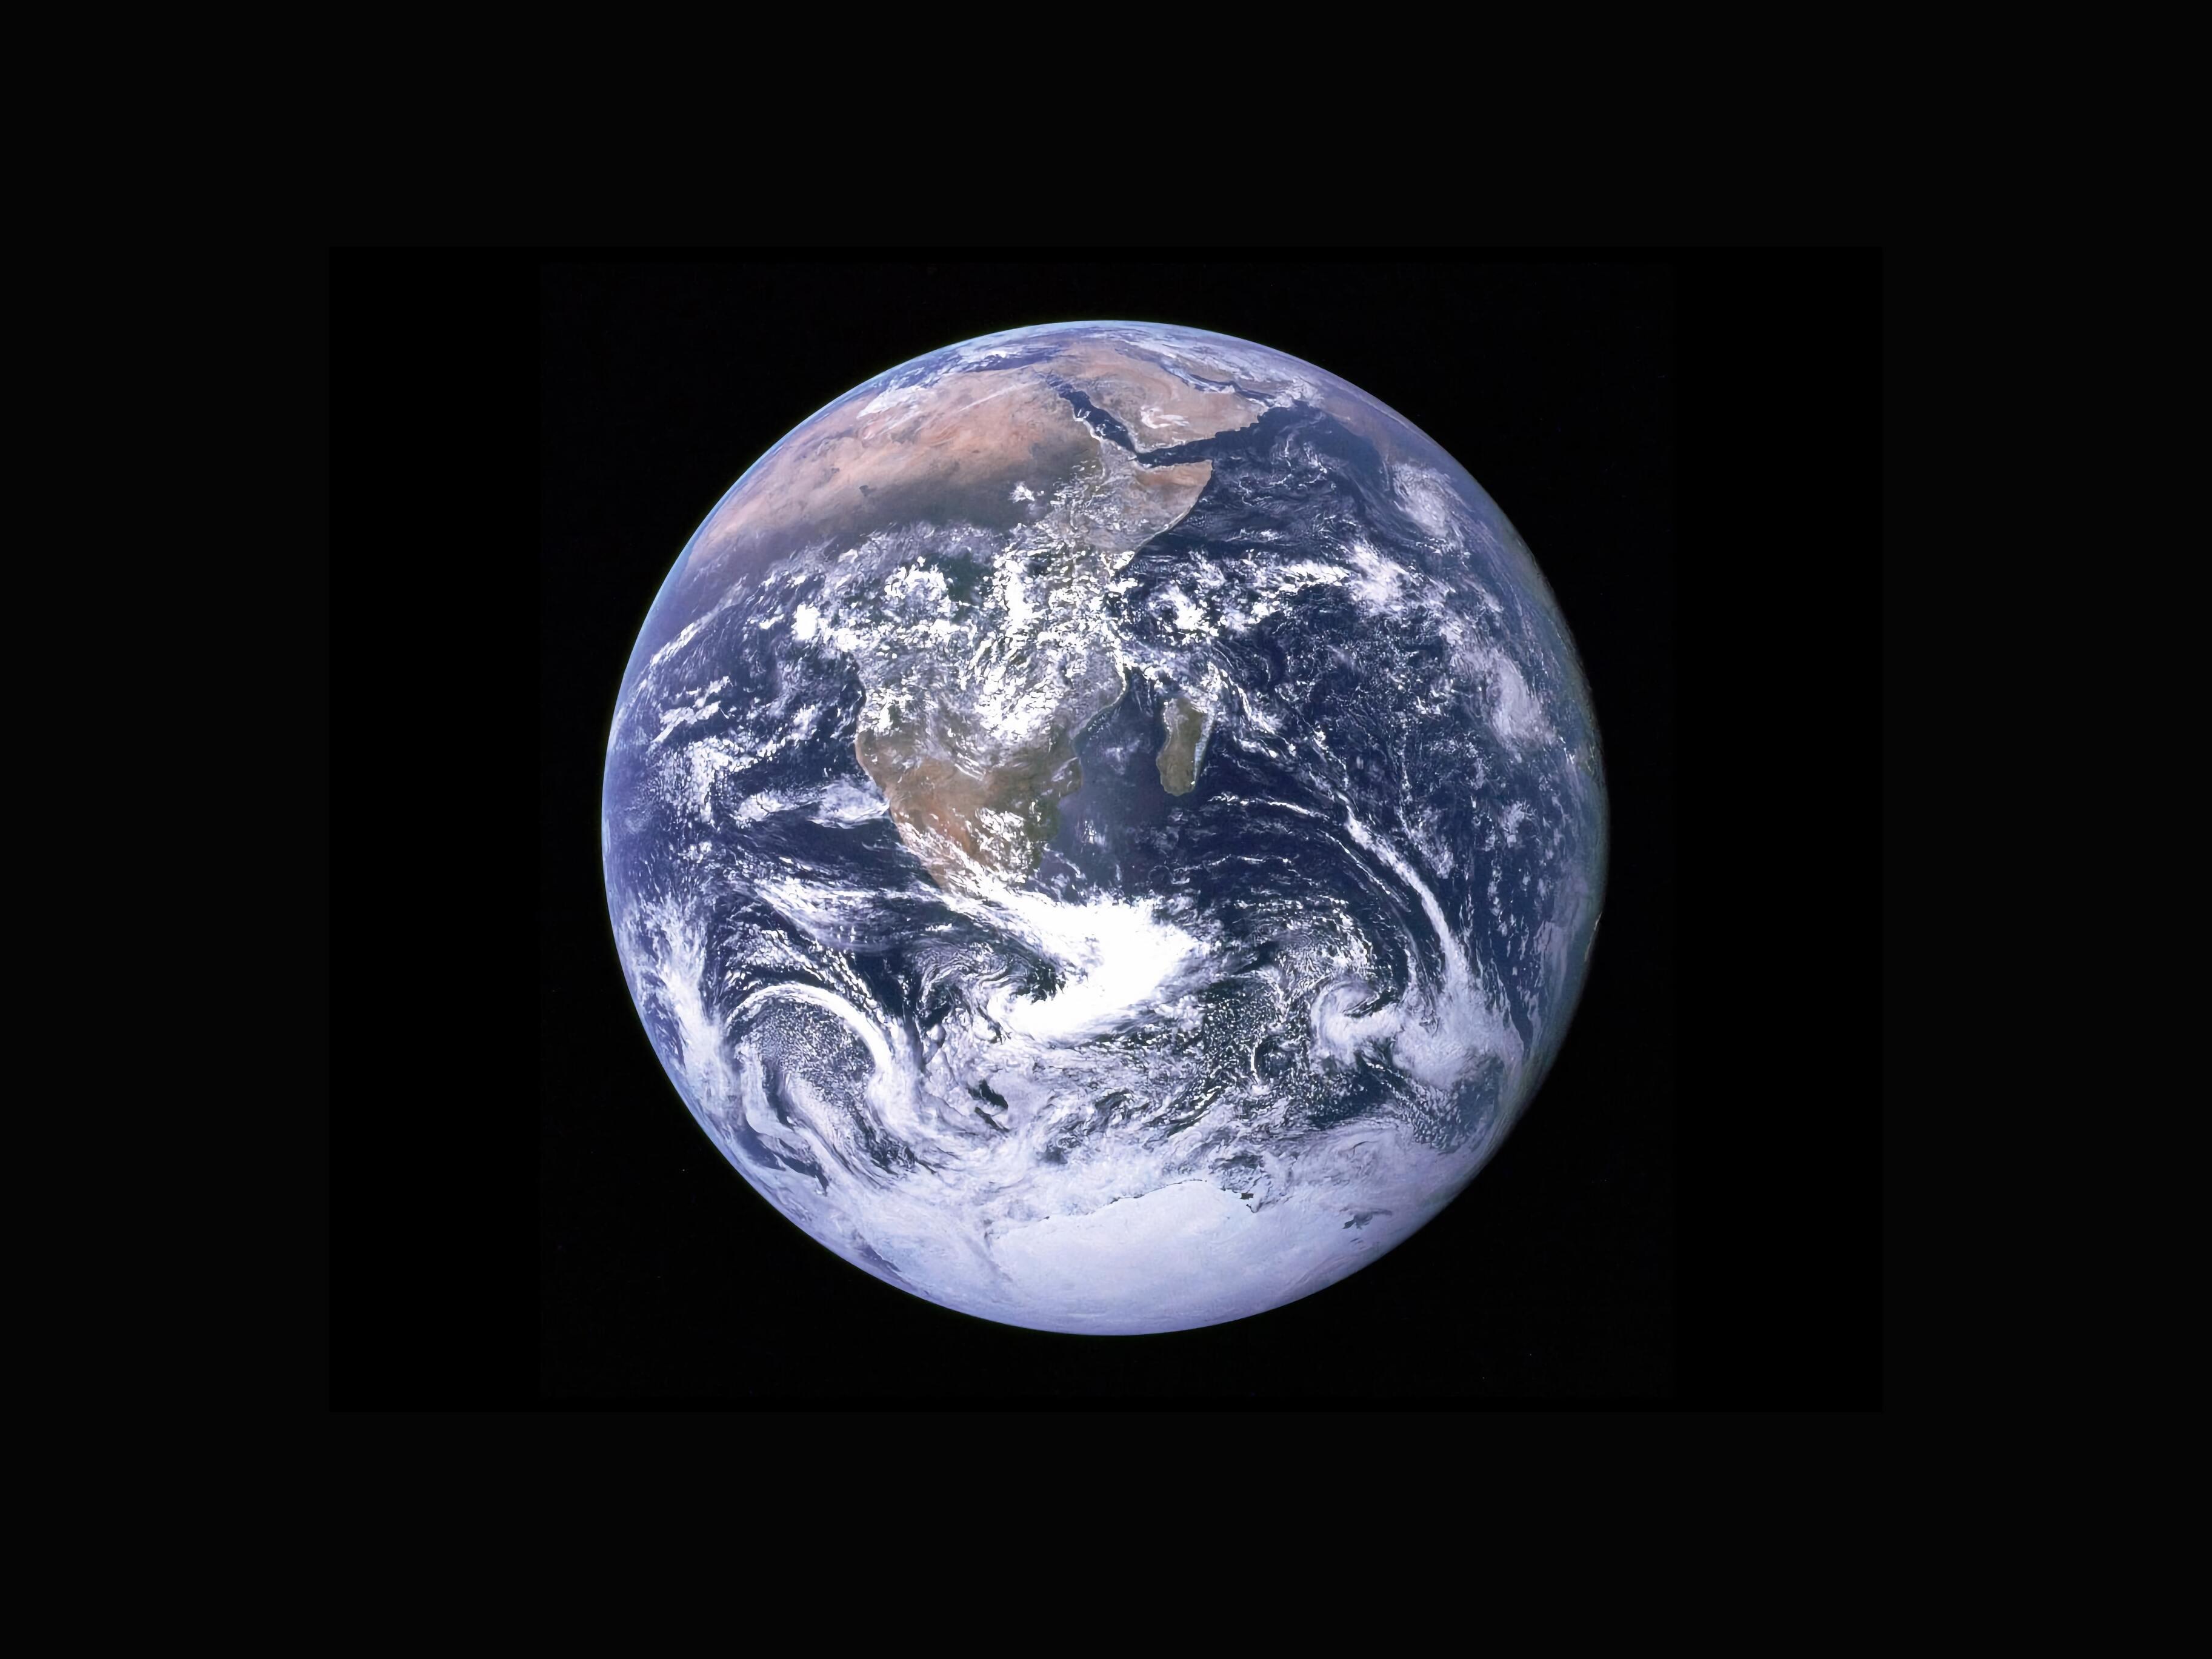 Учёные узнали о неравномерном росте ядра Земли